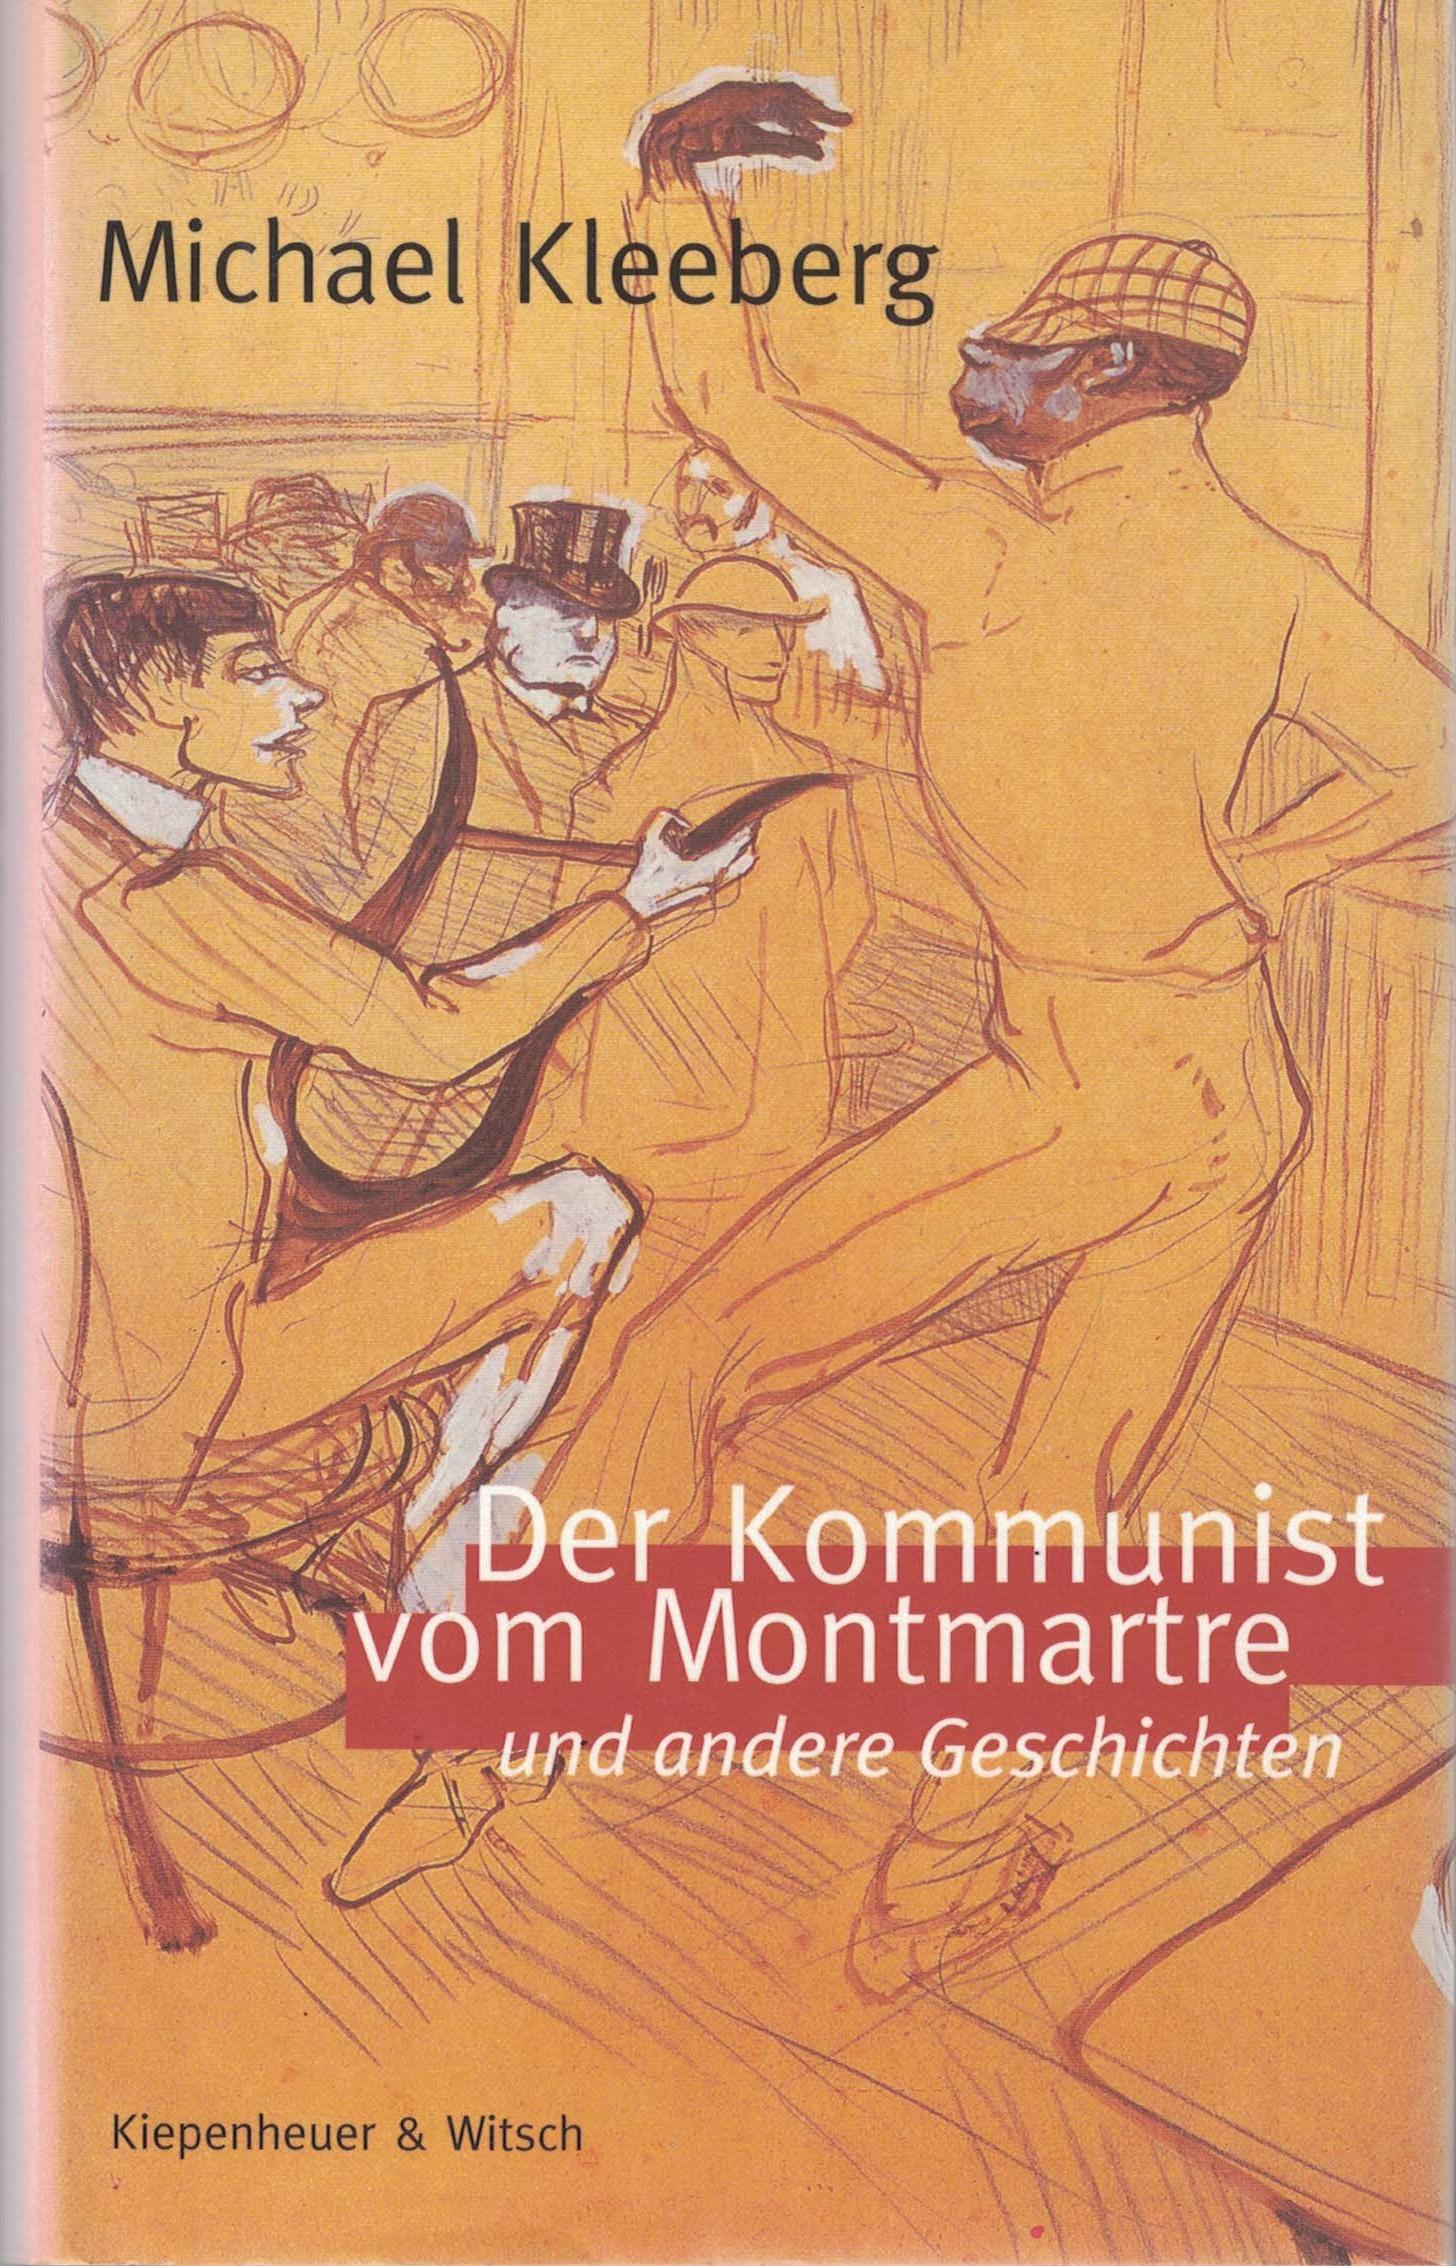 Michael Kleeberg - Der Kommunist vom Montmartre - und andere Geschichten